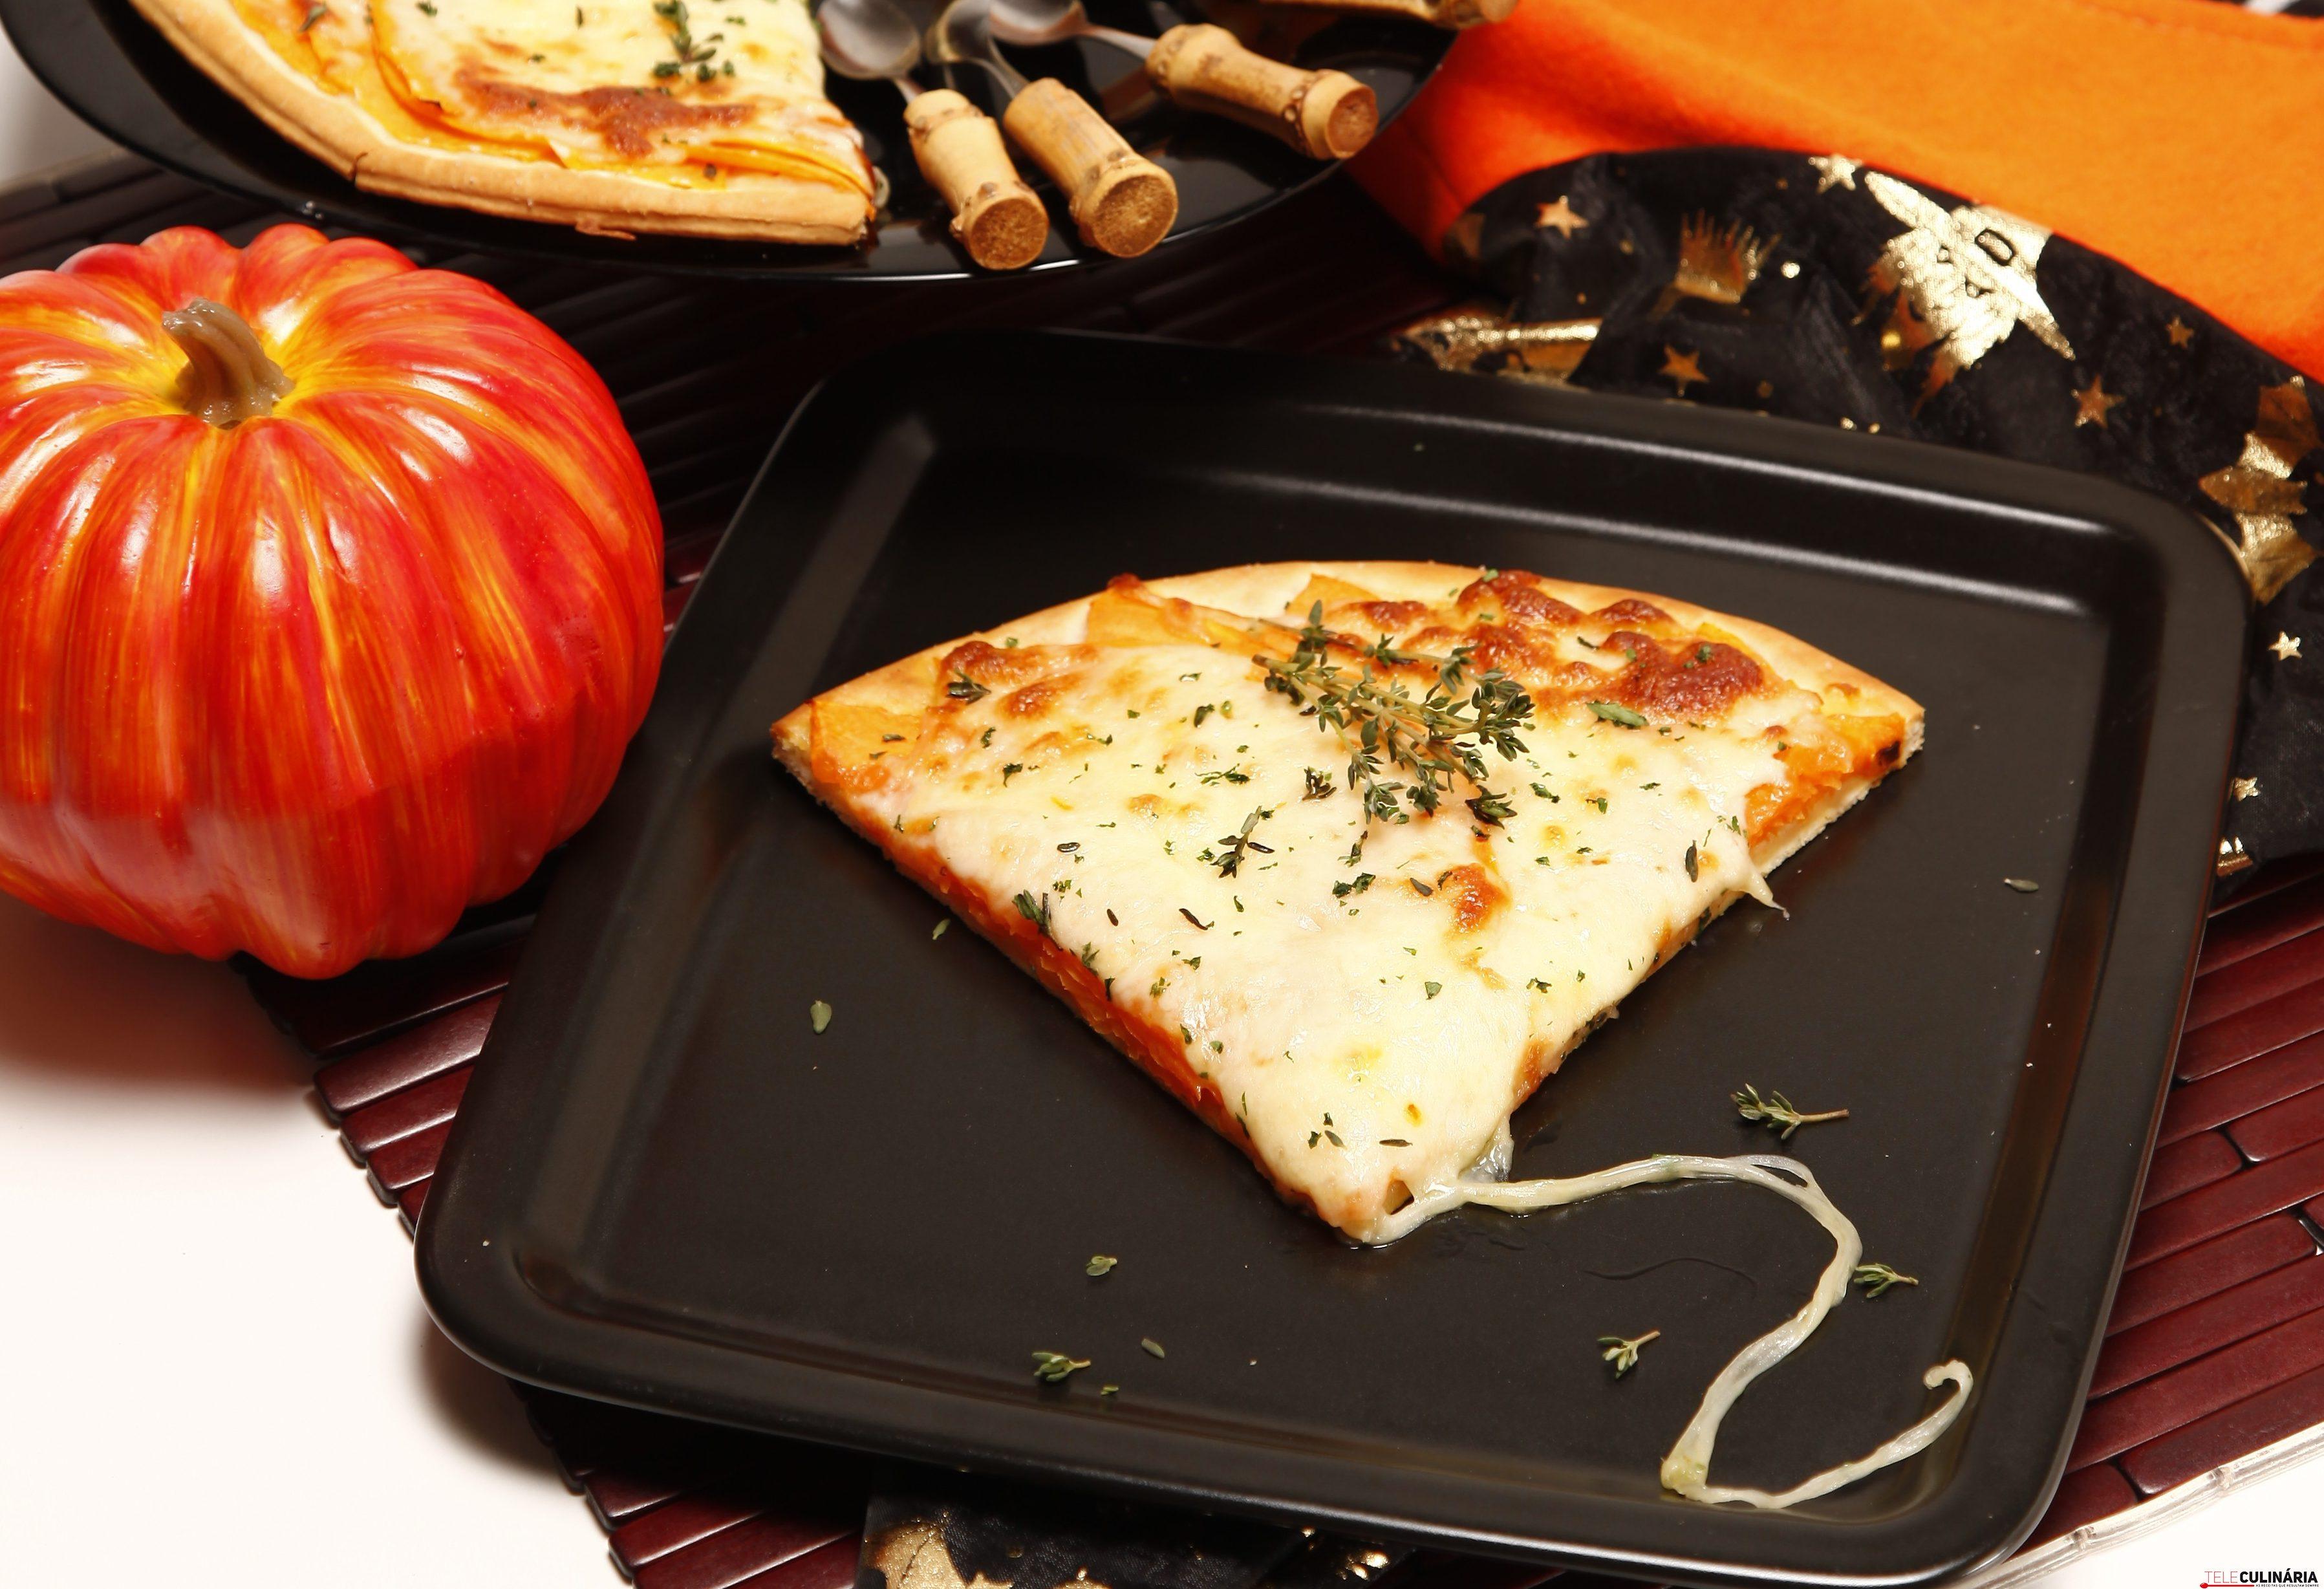 Pizza de abobora 2 e1508861891261